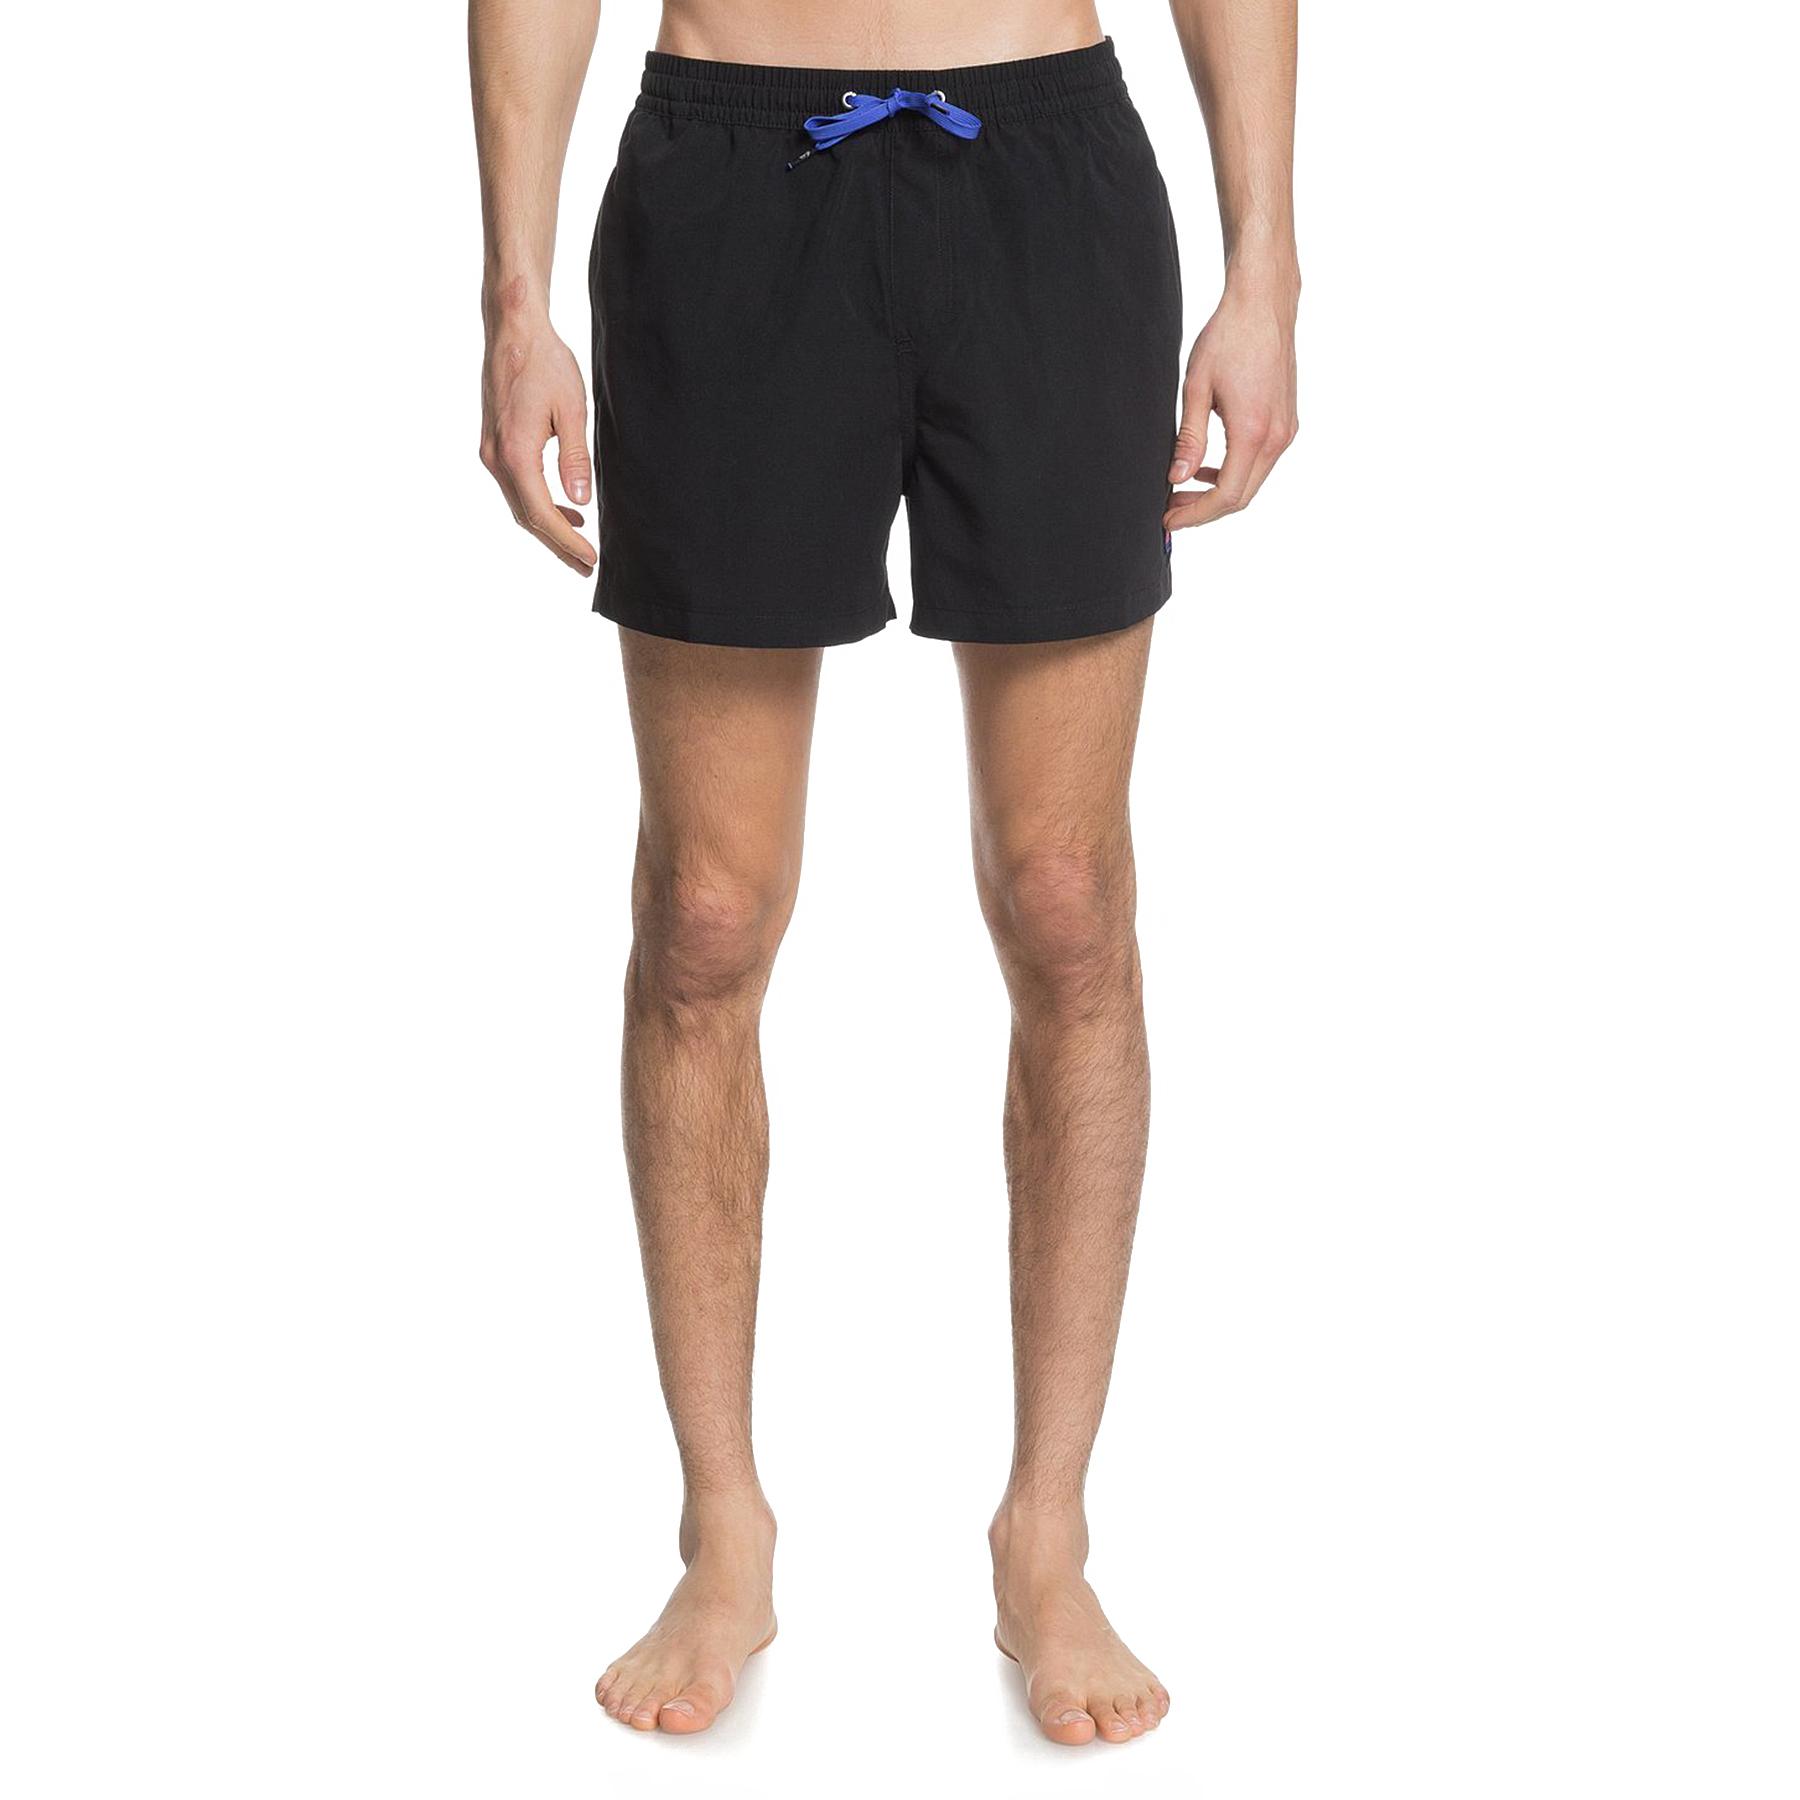 Mens Shorts Swim Trunks St.Dona Solid Quick Dry Beach Surfing Running Swimming Swimwear Drawstring Watershort Swimsuit